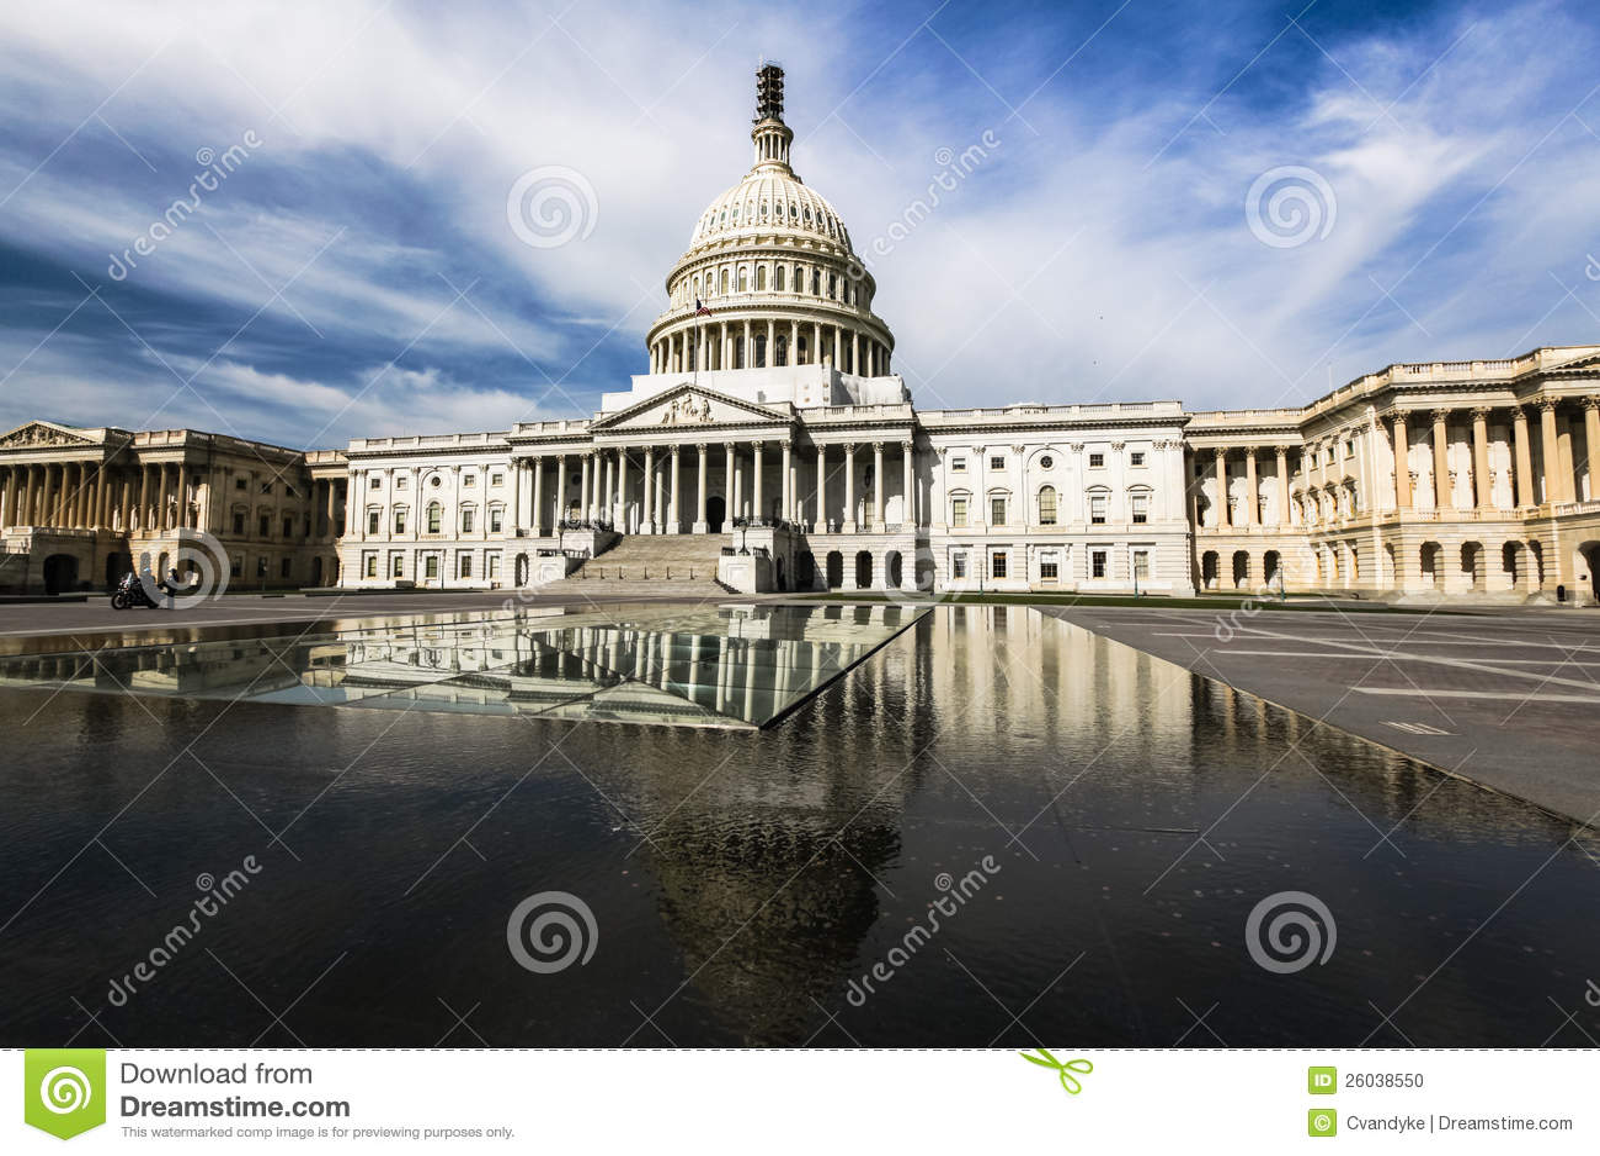 Capitol Building Dc House